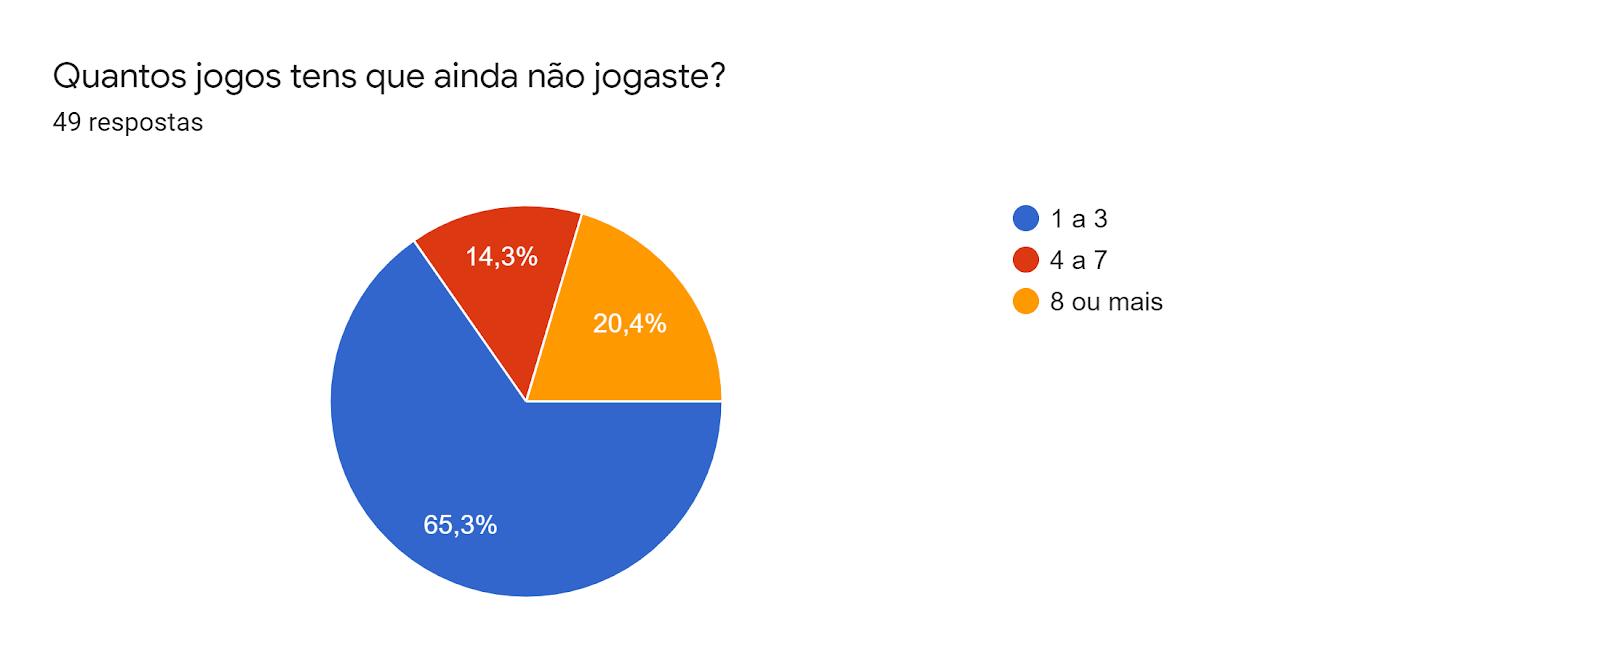 Gráfico de respostas do Formulários. Título da pergunta: Quantos jogos tens que ainda não jogaste?. Número de respostas: 49 respostas.